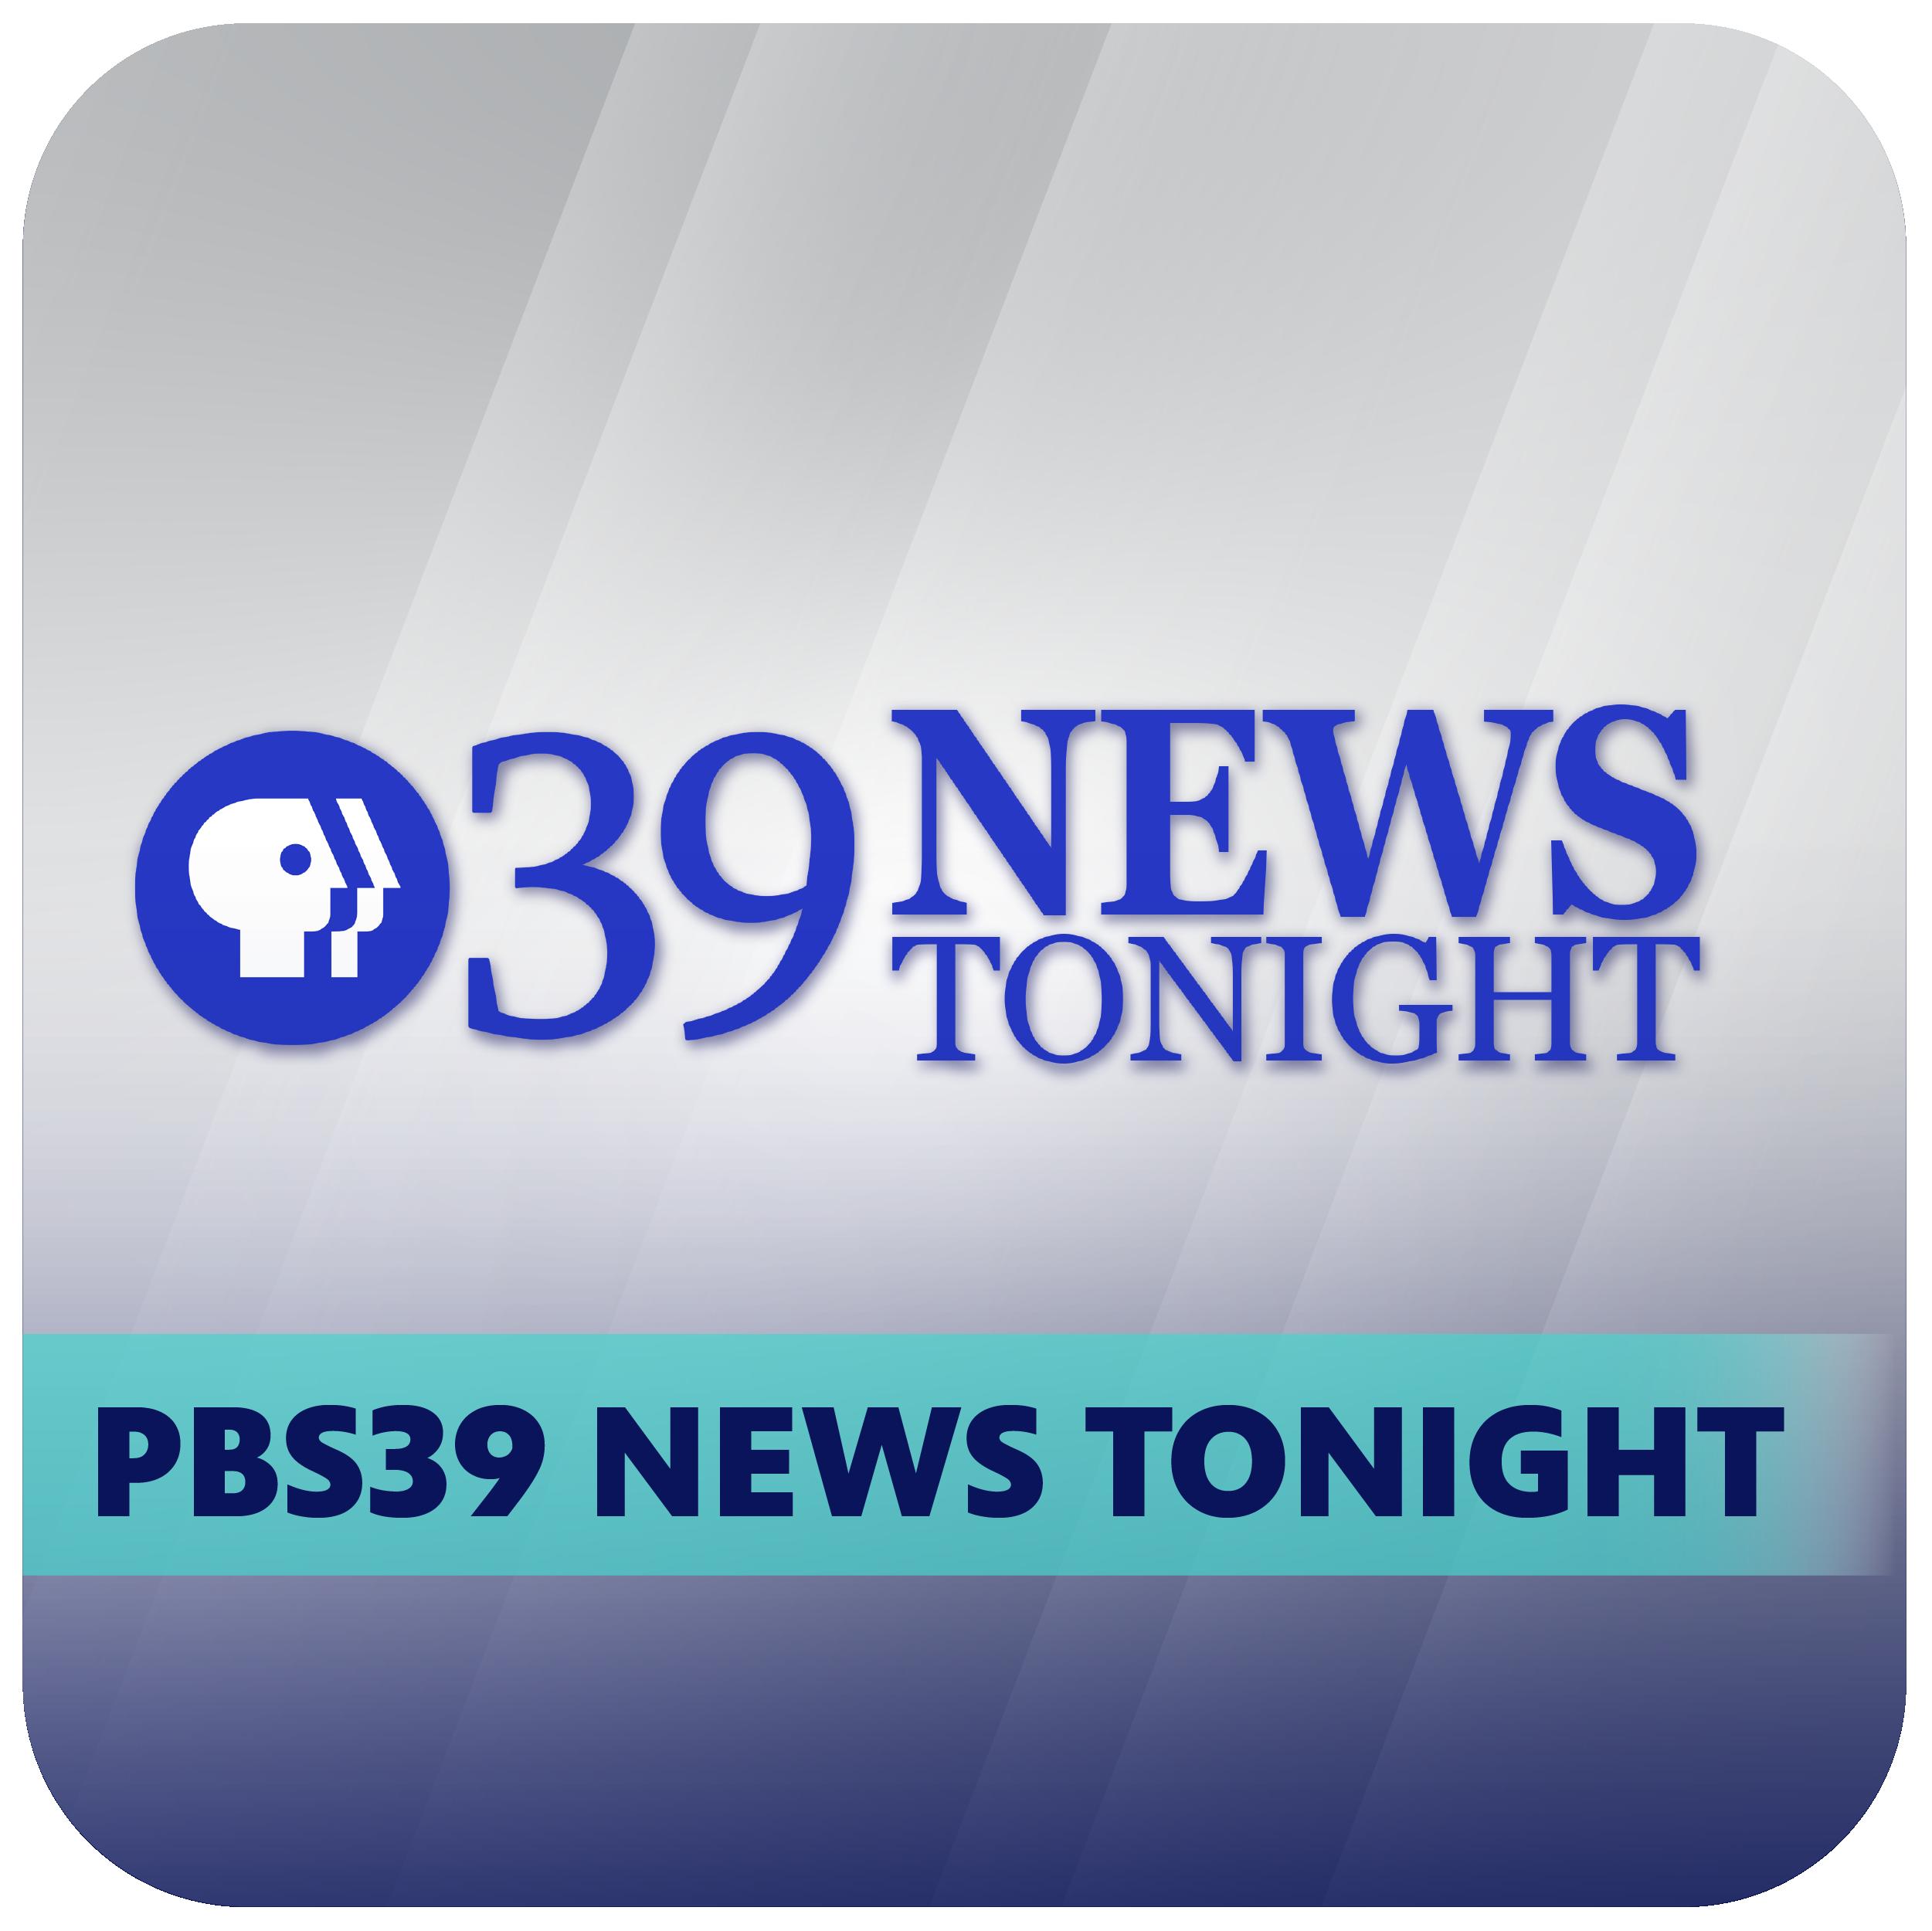 PBS39 News Tonight